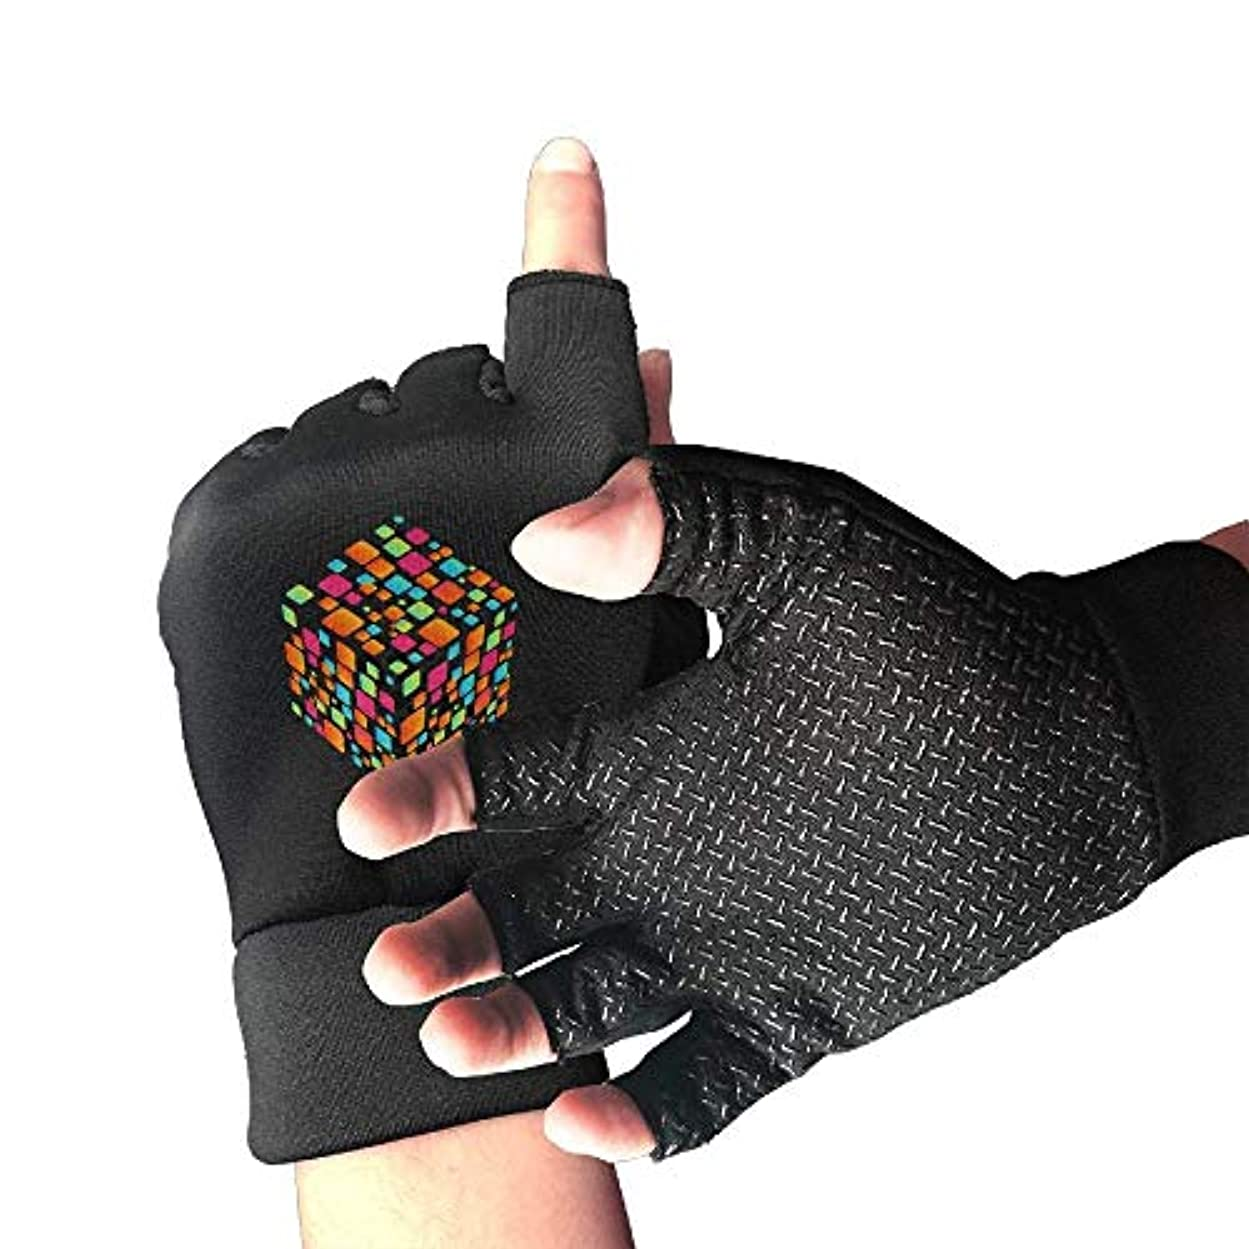 弱まる正しくリーンCycling Gloves Square Coloful Men's/Women's Mountain Bike Gloves Half Finger Anti-Slip Motorcycle Gloves